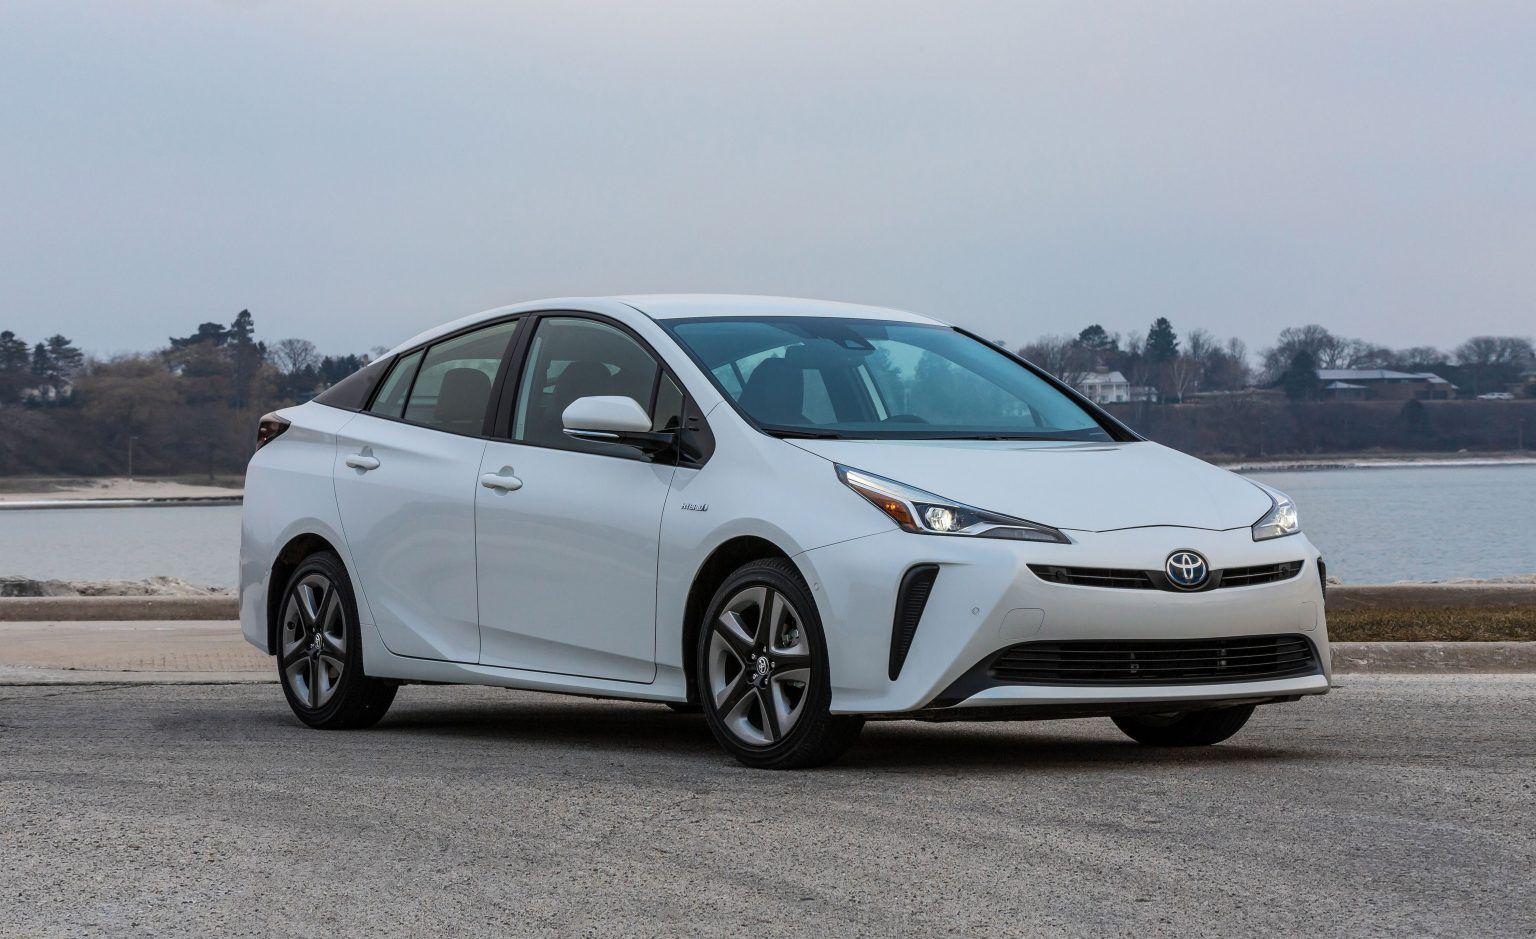 Toyota araçlarını geri çağırıyor, 2020 Hibrit, Toyota